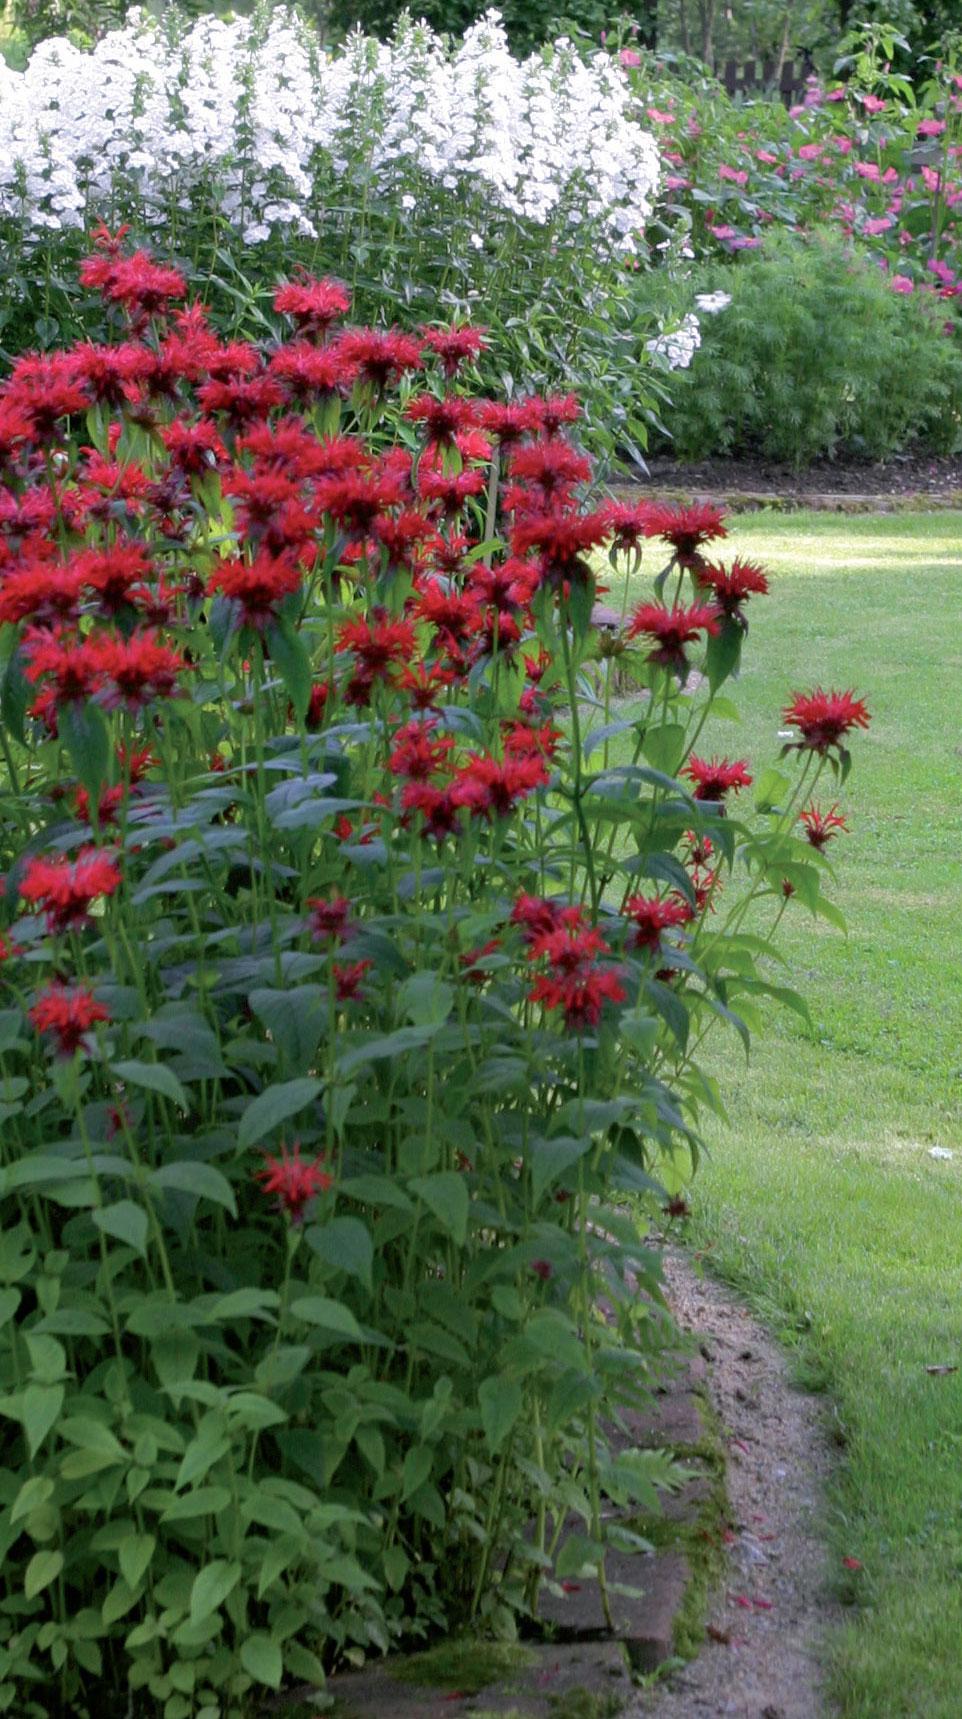 Kukkapenkki, Pienet pyöreät kukkapenkit tuovat rytmiä puutarhaan.